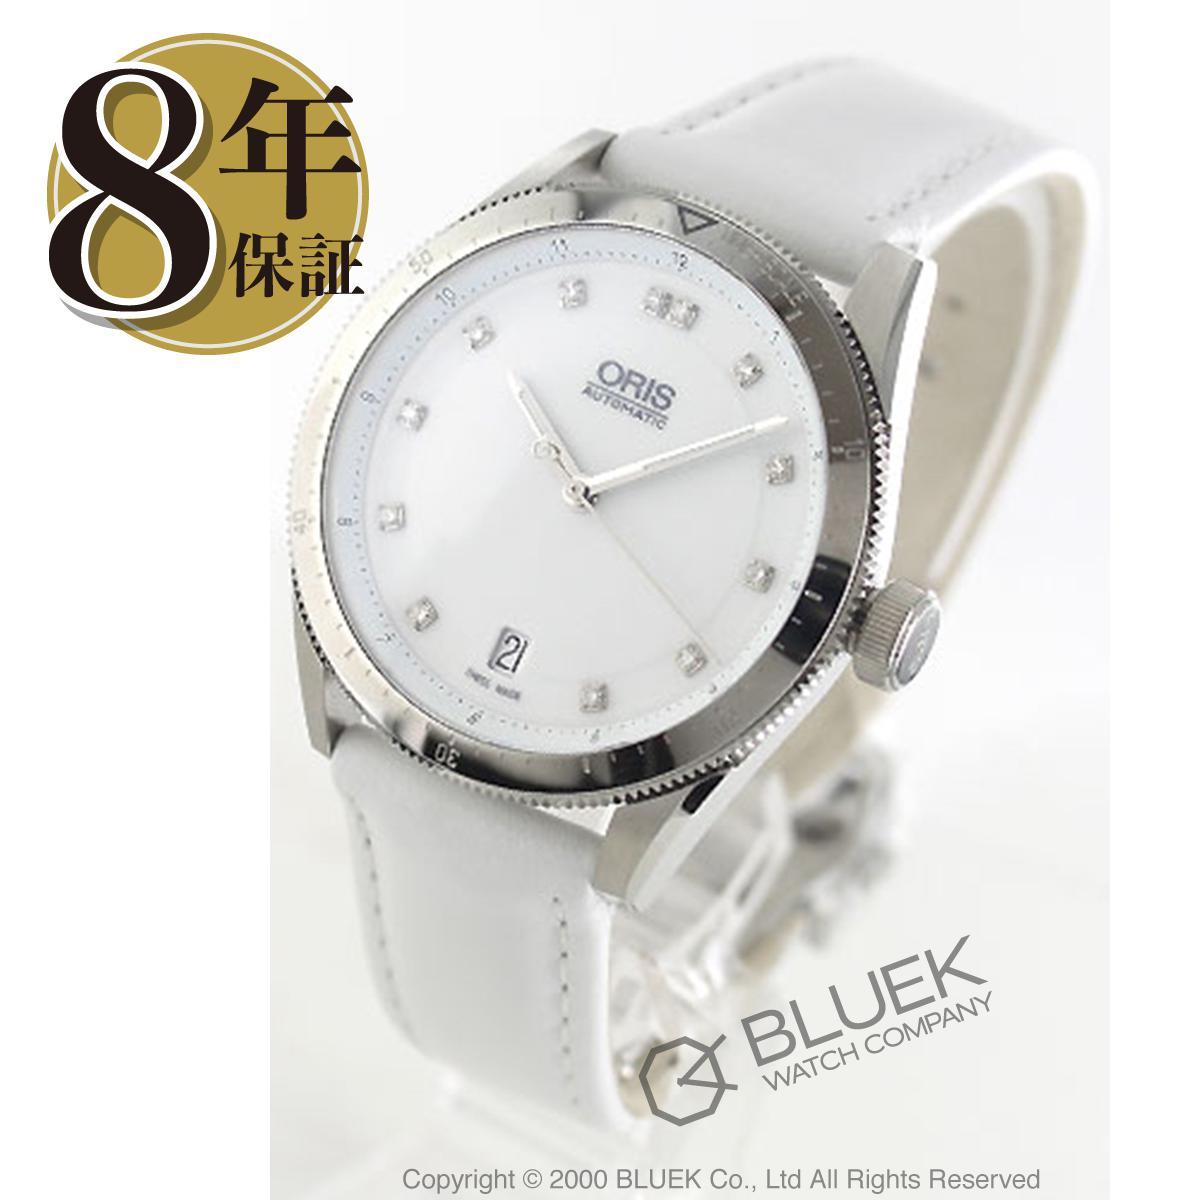 【3,000円OFFクーポン対象】オリス アーティックス GT ダイヤ 腕時計 メンズ ORIS 733 7671 4191D_8